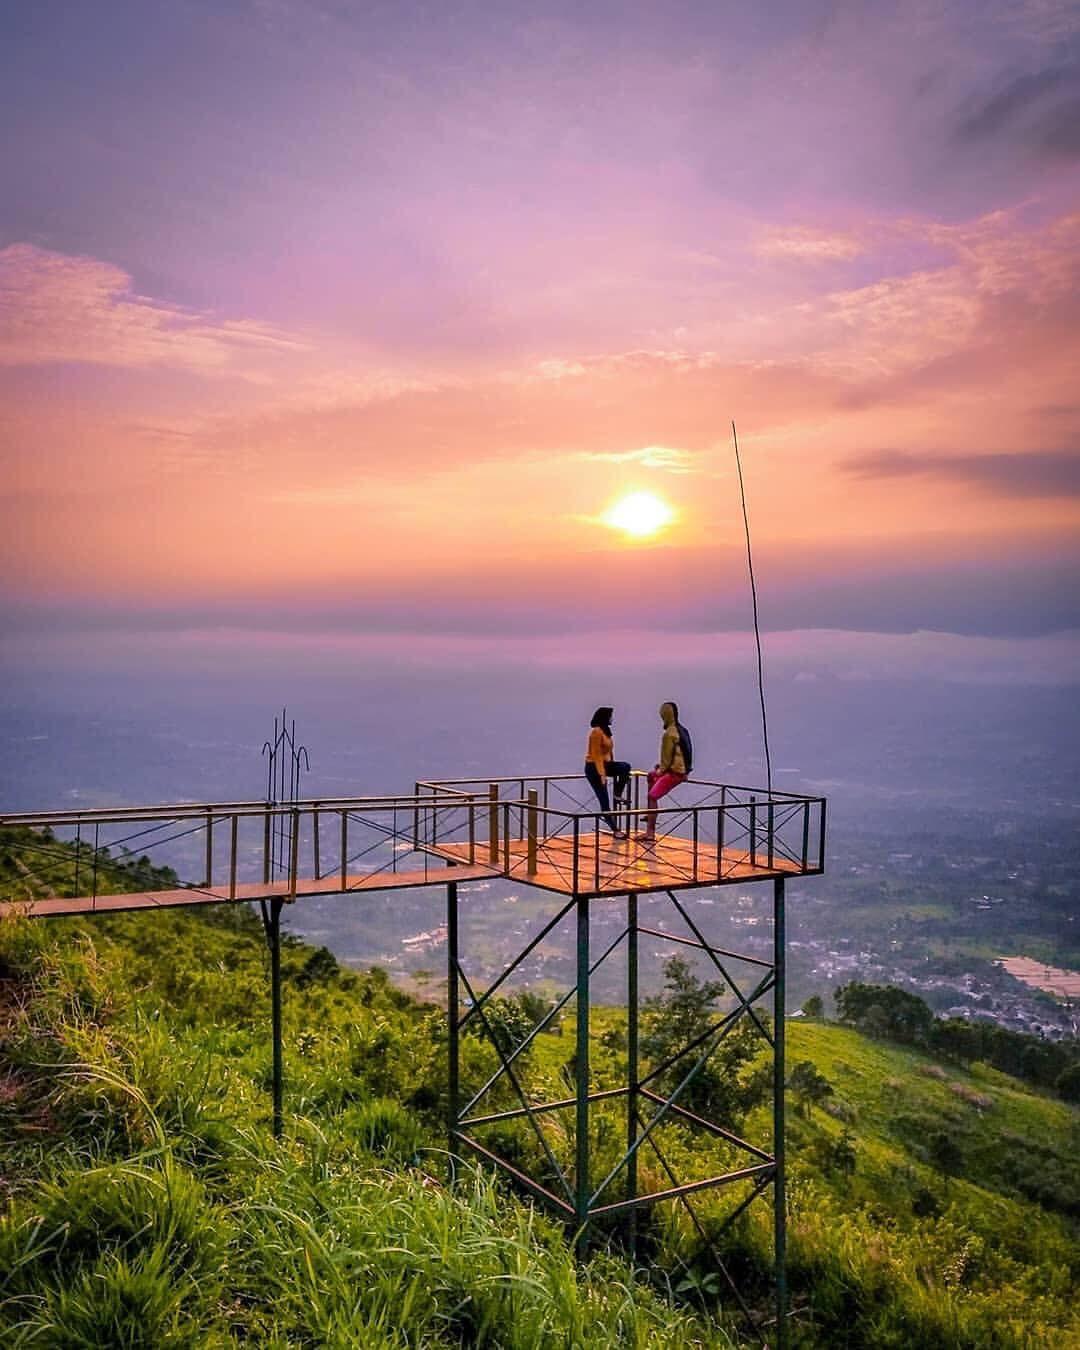 Good Night Everyone Salam Hangat Dari Bukit Alesano Bogor Referensi Foto Jem J S Inframe Tandikakelana17 Kakaris Di 2020 Pemandangan Langit Malam Langit